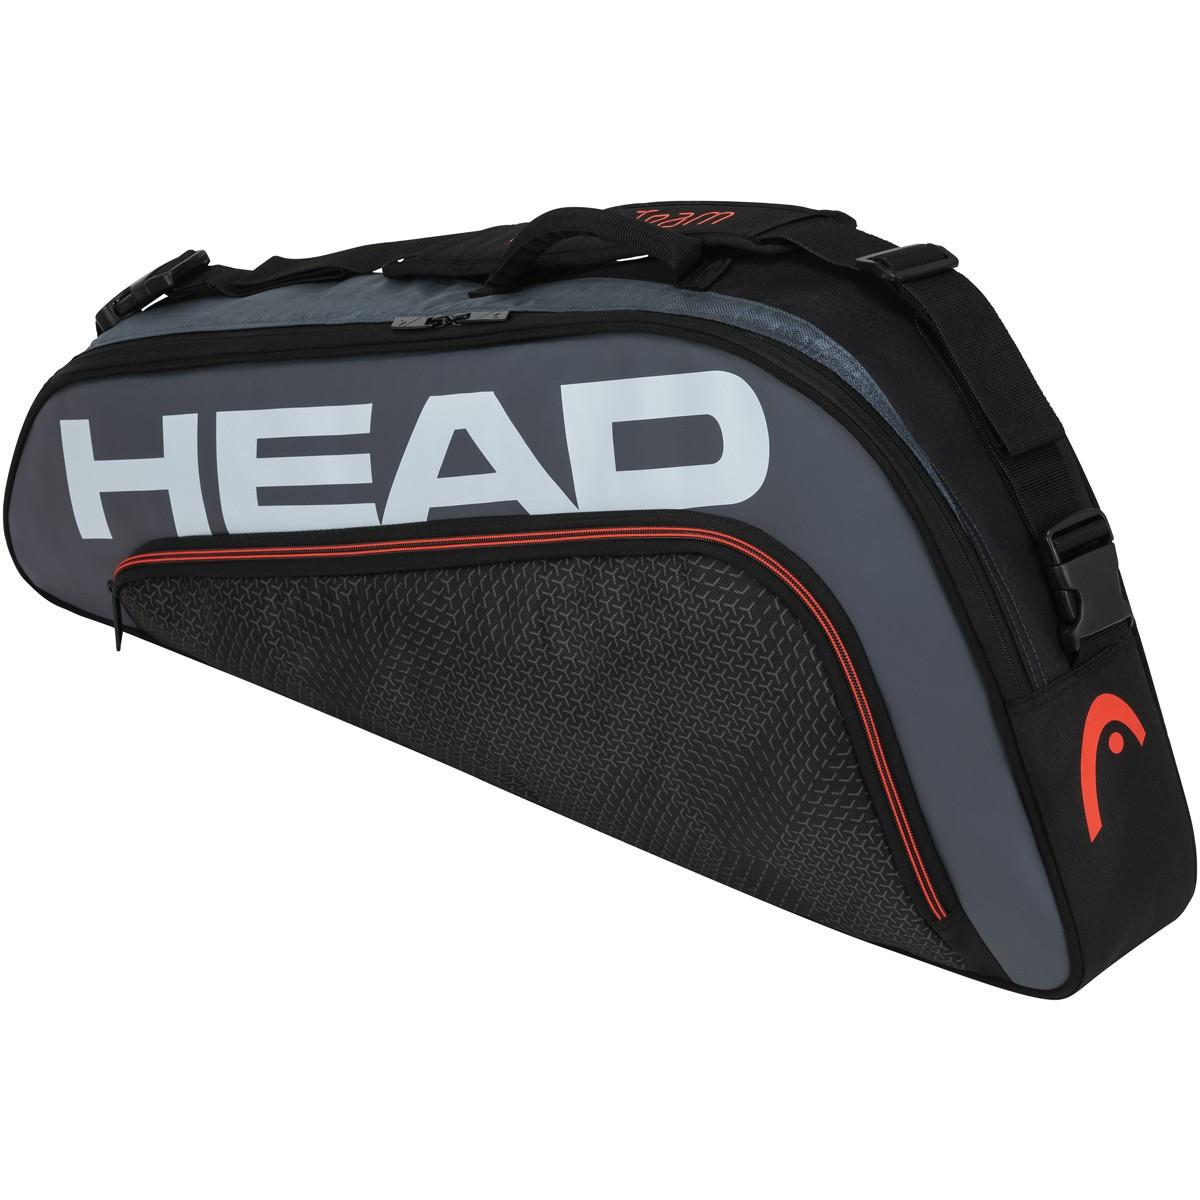 Head Tour Team 3R Pro BKGR